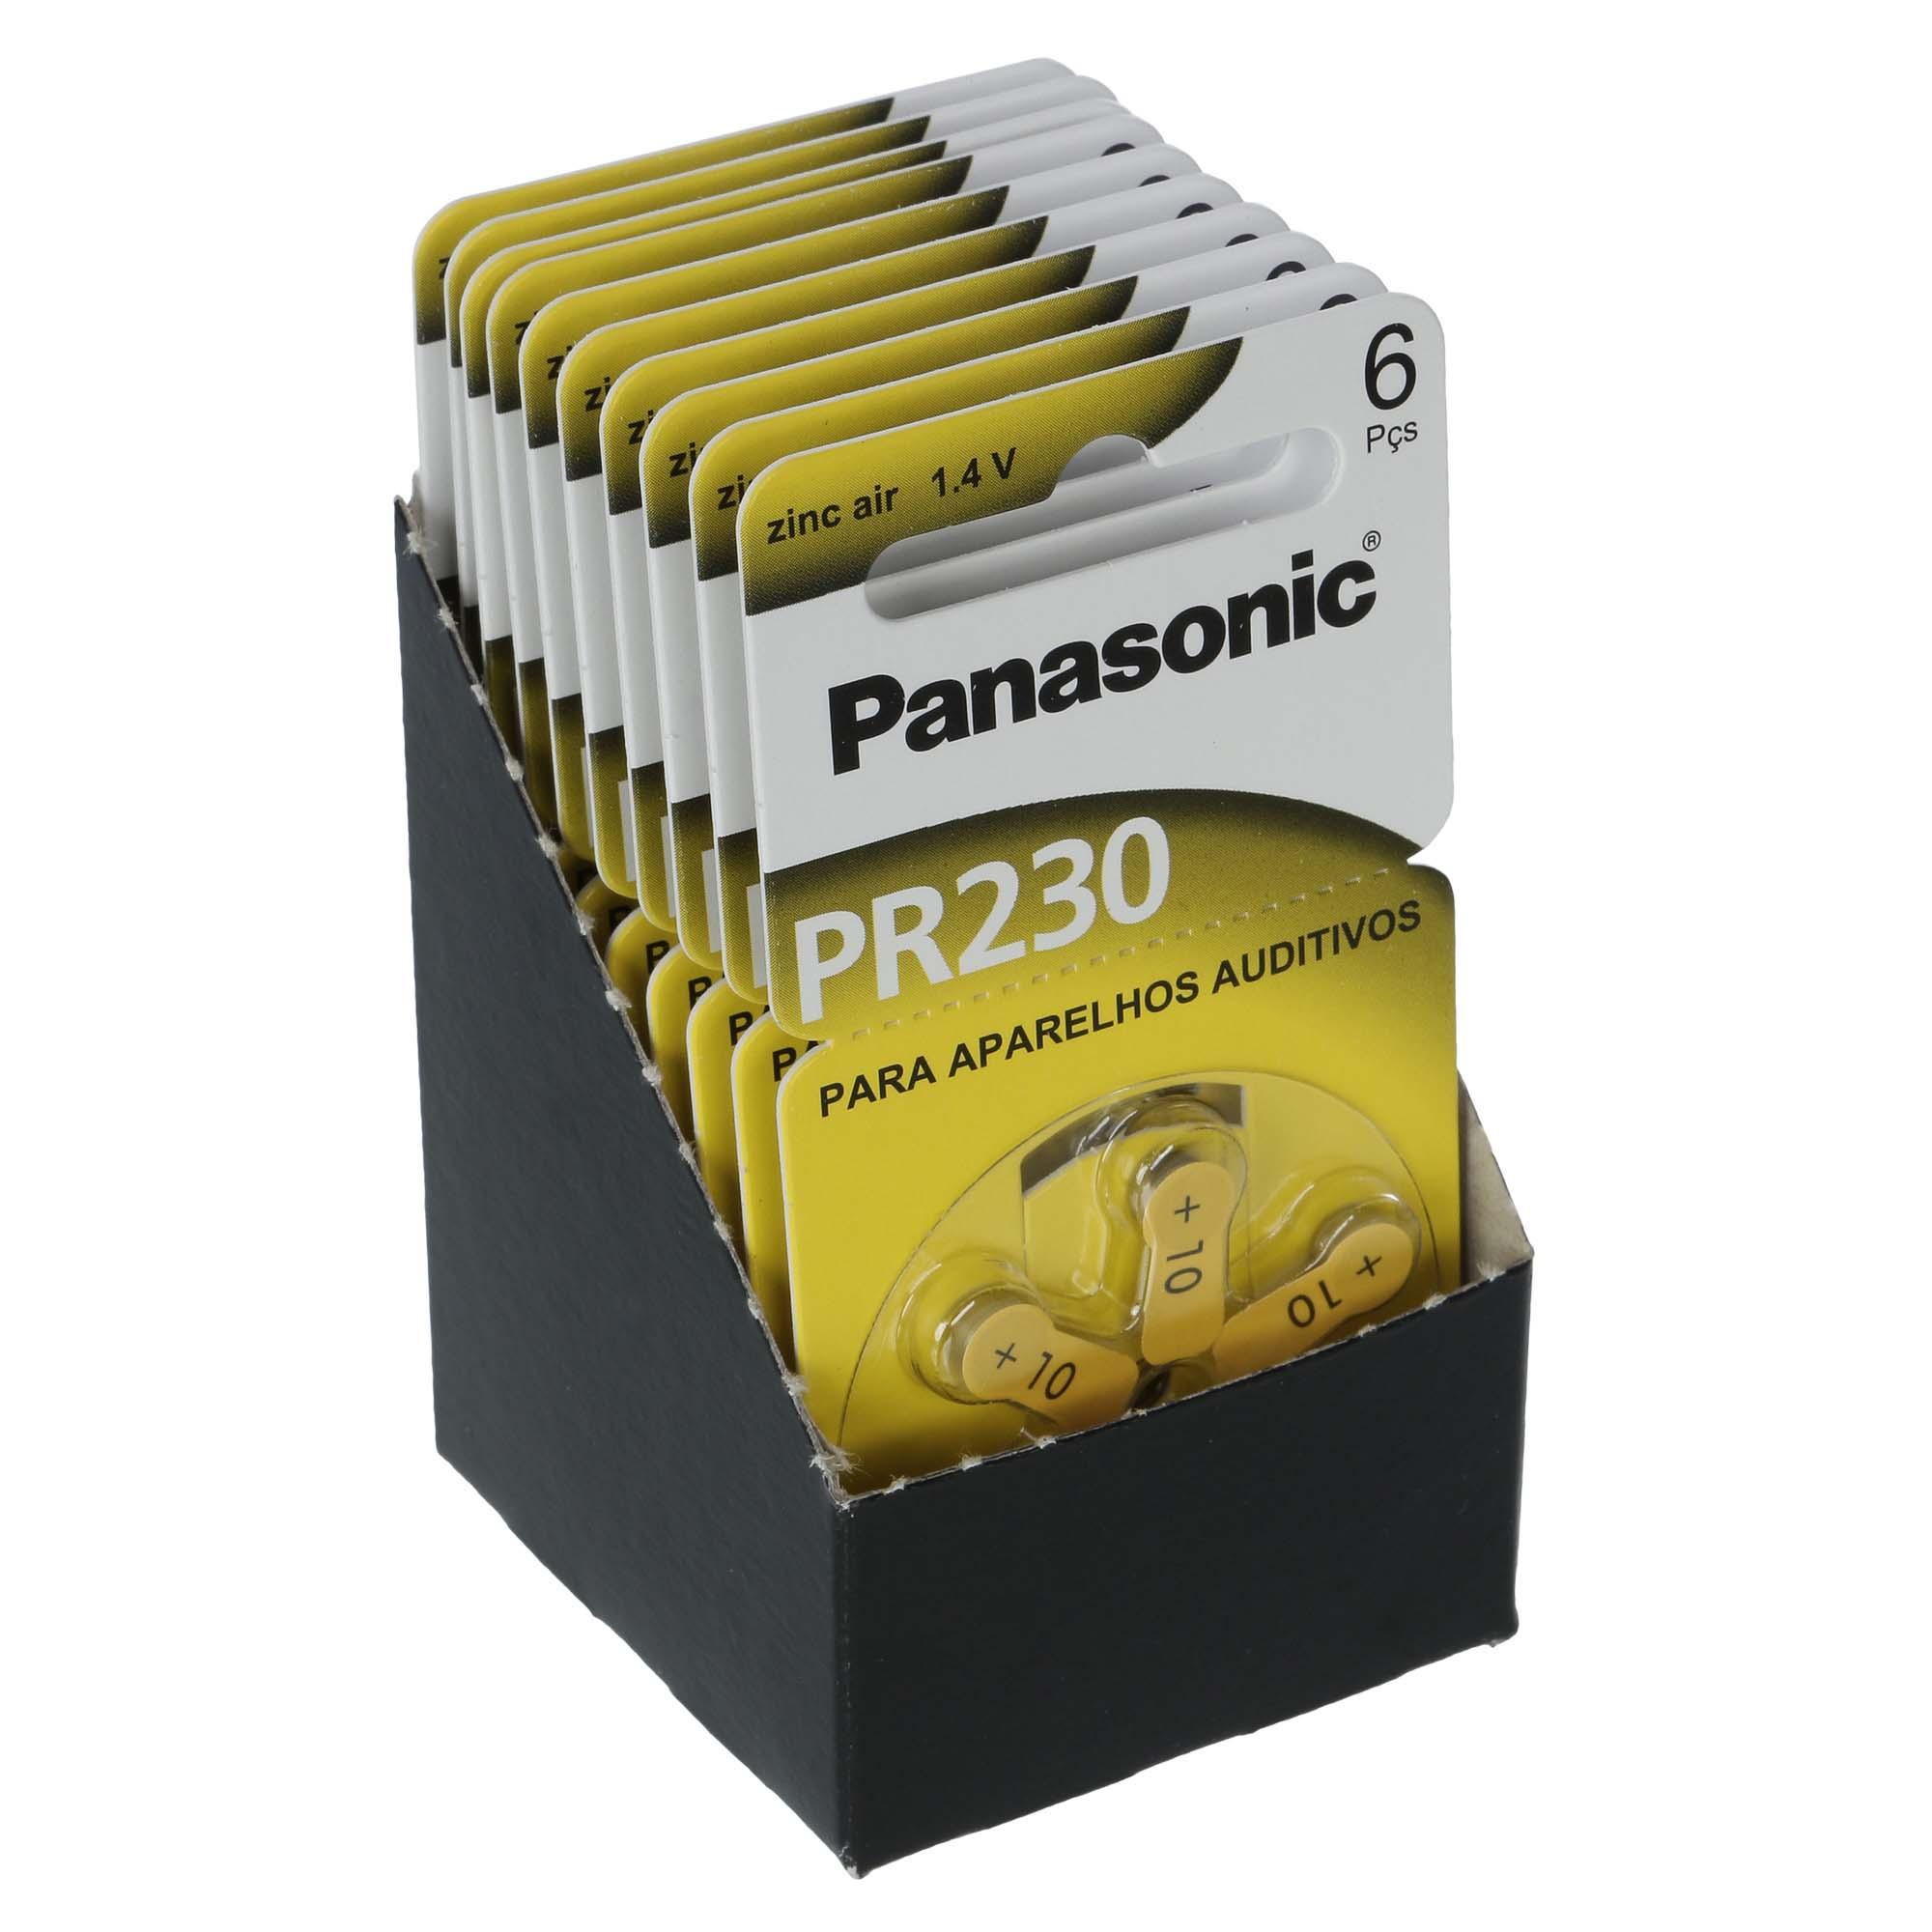 Panasonic PR10 / PR230  - 10 Cartelas - 60 Baterias para Aparelho Auditivo  - SONORA